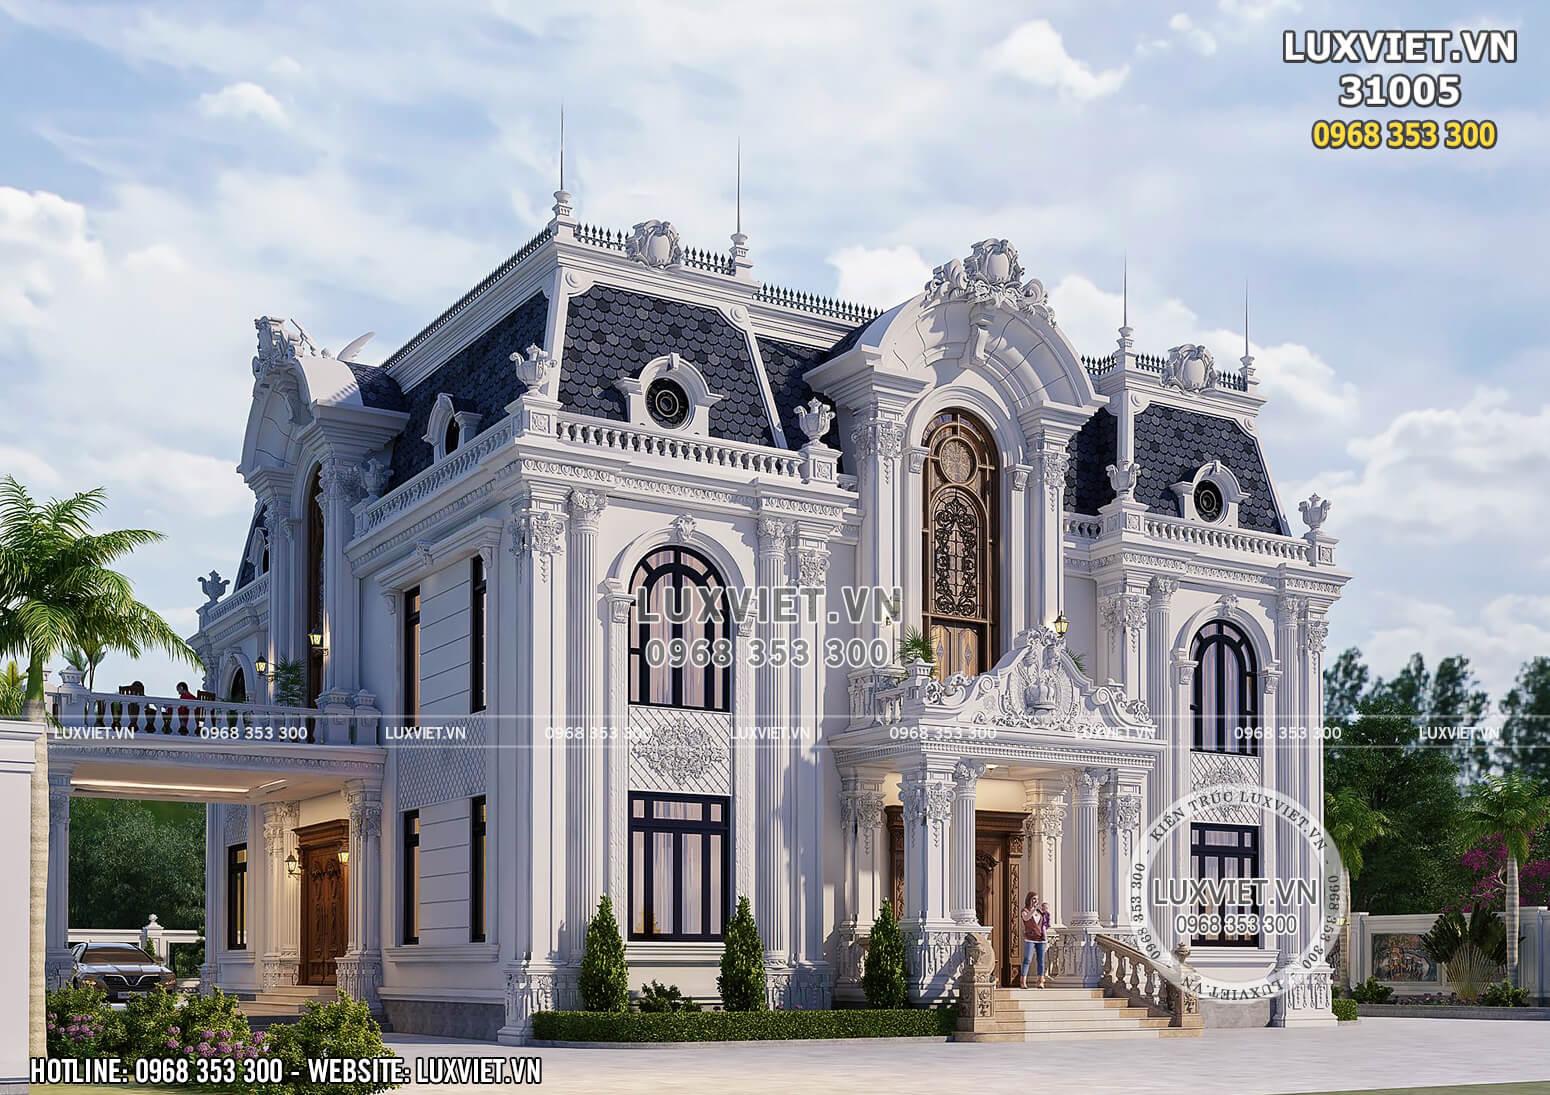 Một góc view của mẫu thiết kế biệt thự kiến trúc tân cổ điển sang trọng